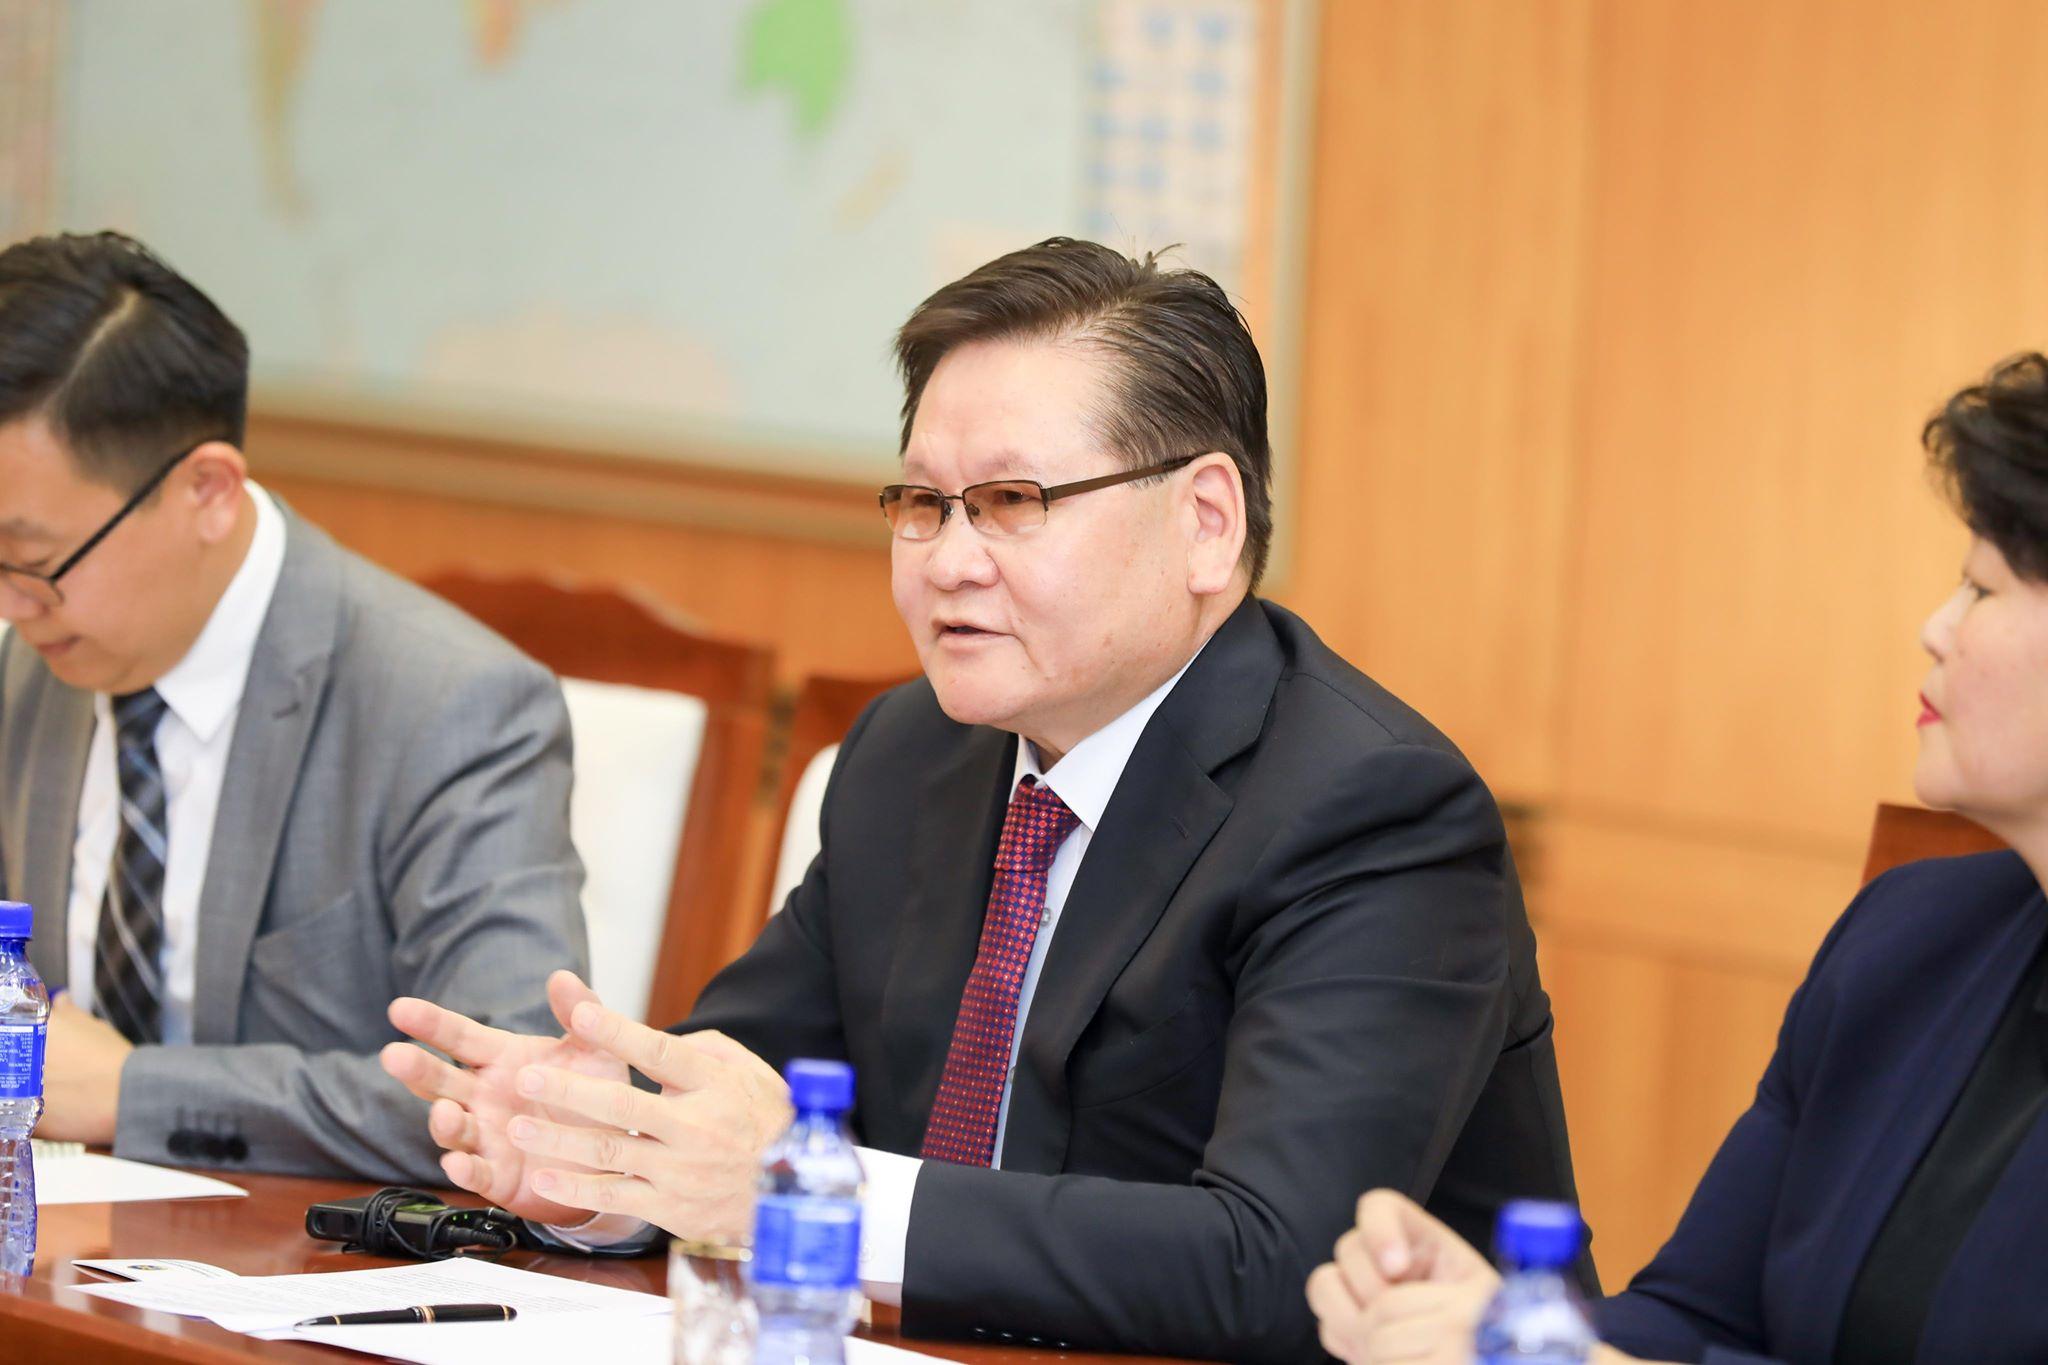 НҮБ-ын Ерөнхий нарийн бичгийн даргын төлөөлөгчтэй уулзлаа